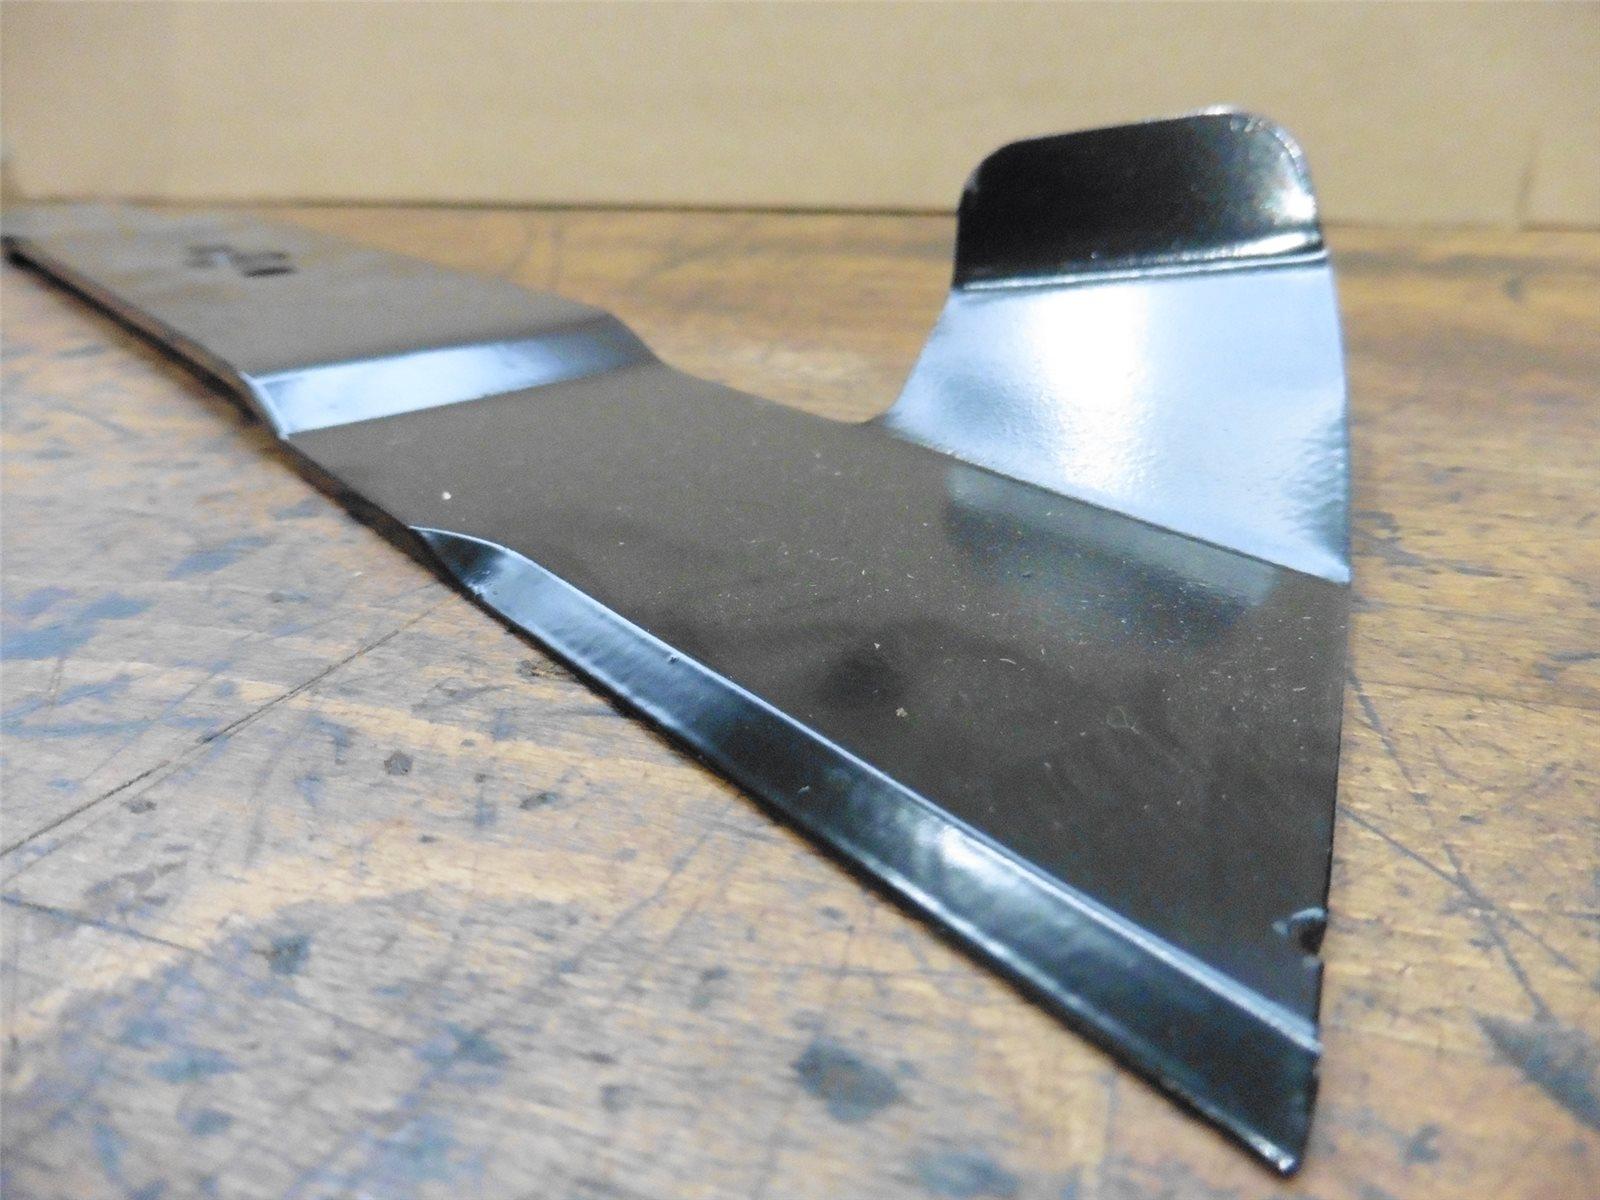 Rasenmäher Messer für Kynast 48 cm Elektro Benzin Heckauswurf neue Ausführung